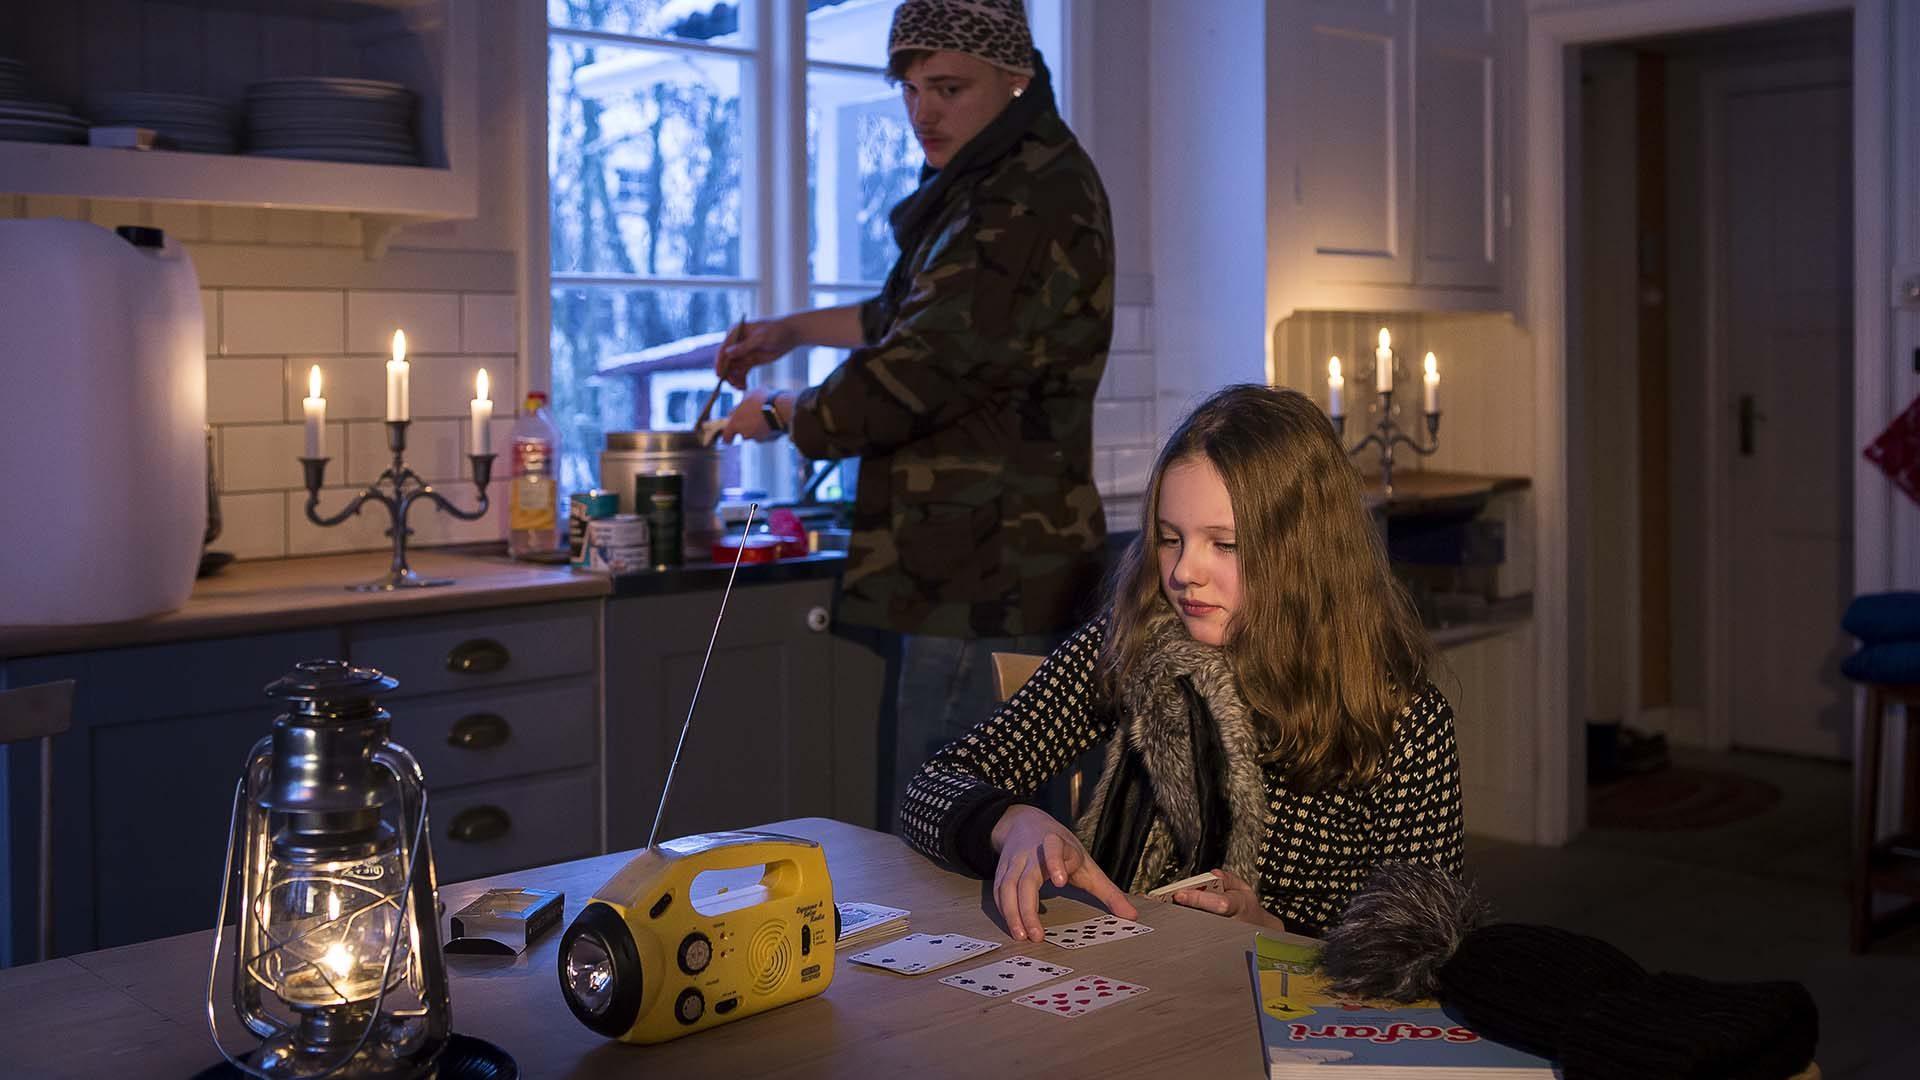 Två personer i ett kök med ficklampa och levande ljus